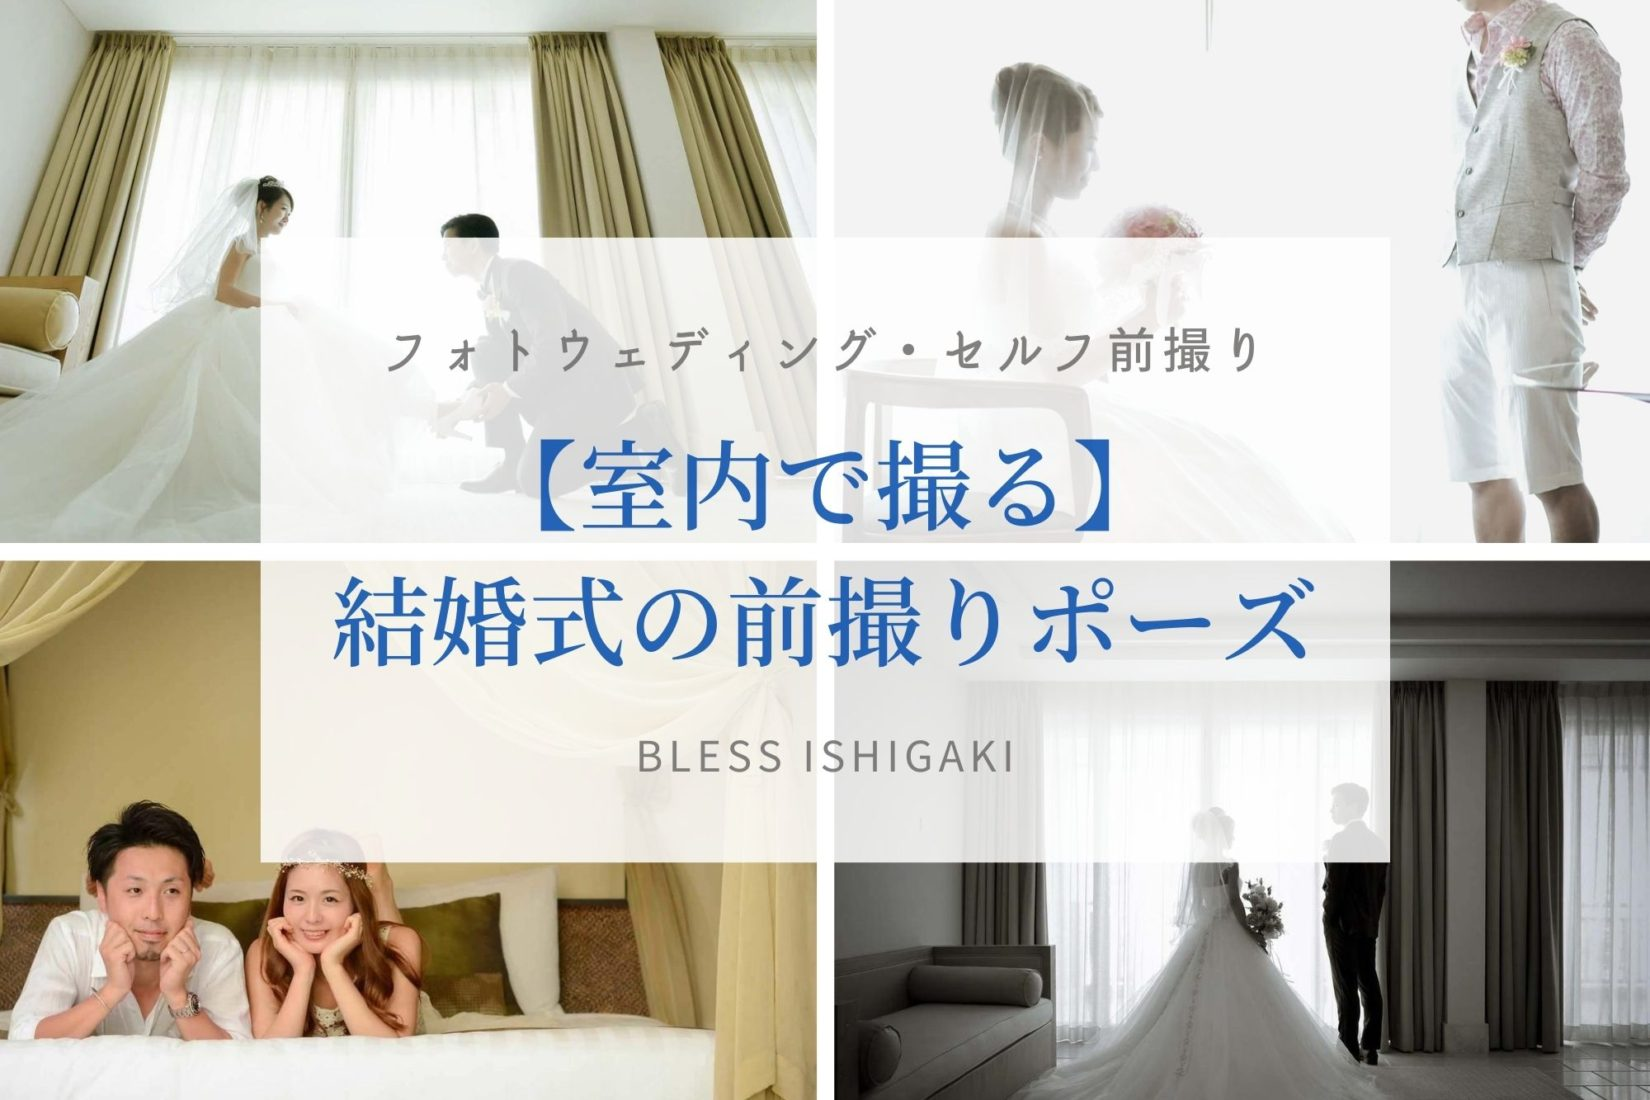 【室内で撮る】結婚式の前撮りポーズまとめ(写真27枚)【2020年】